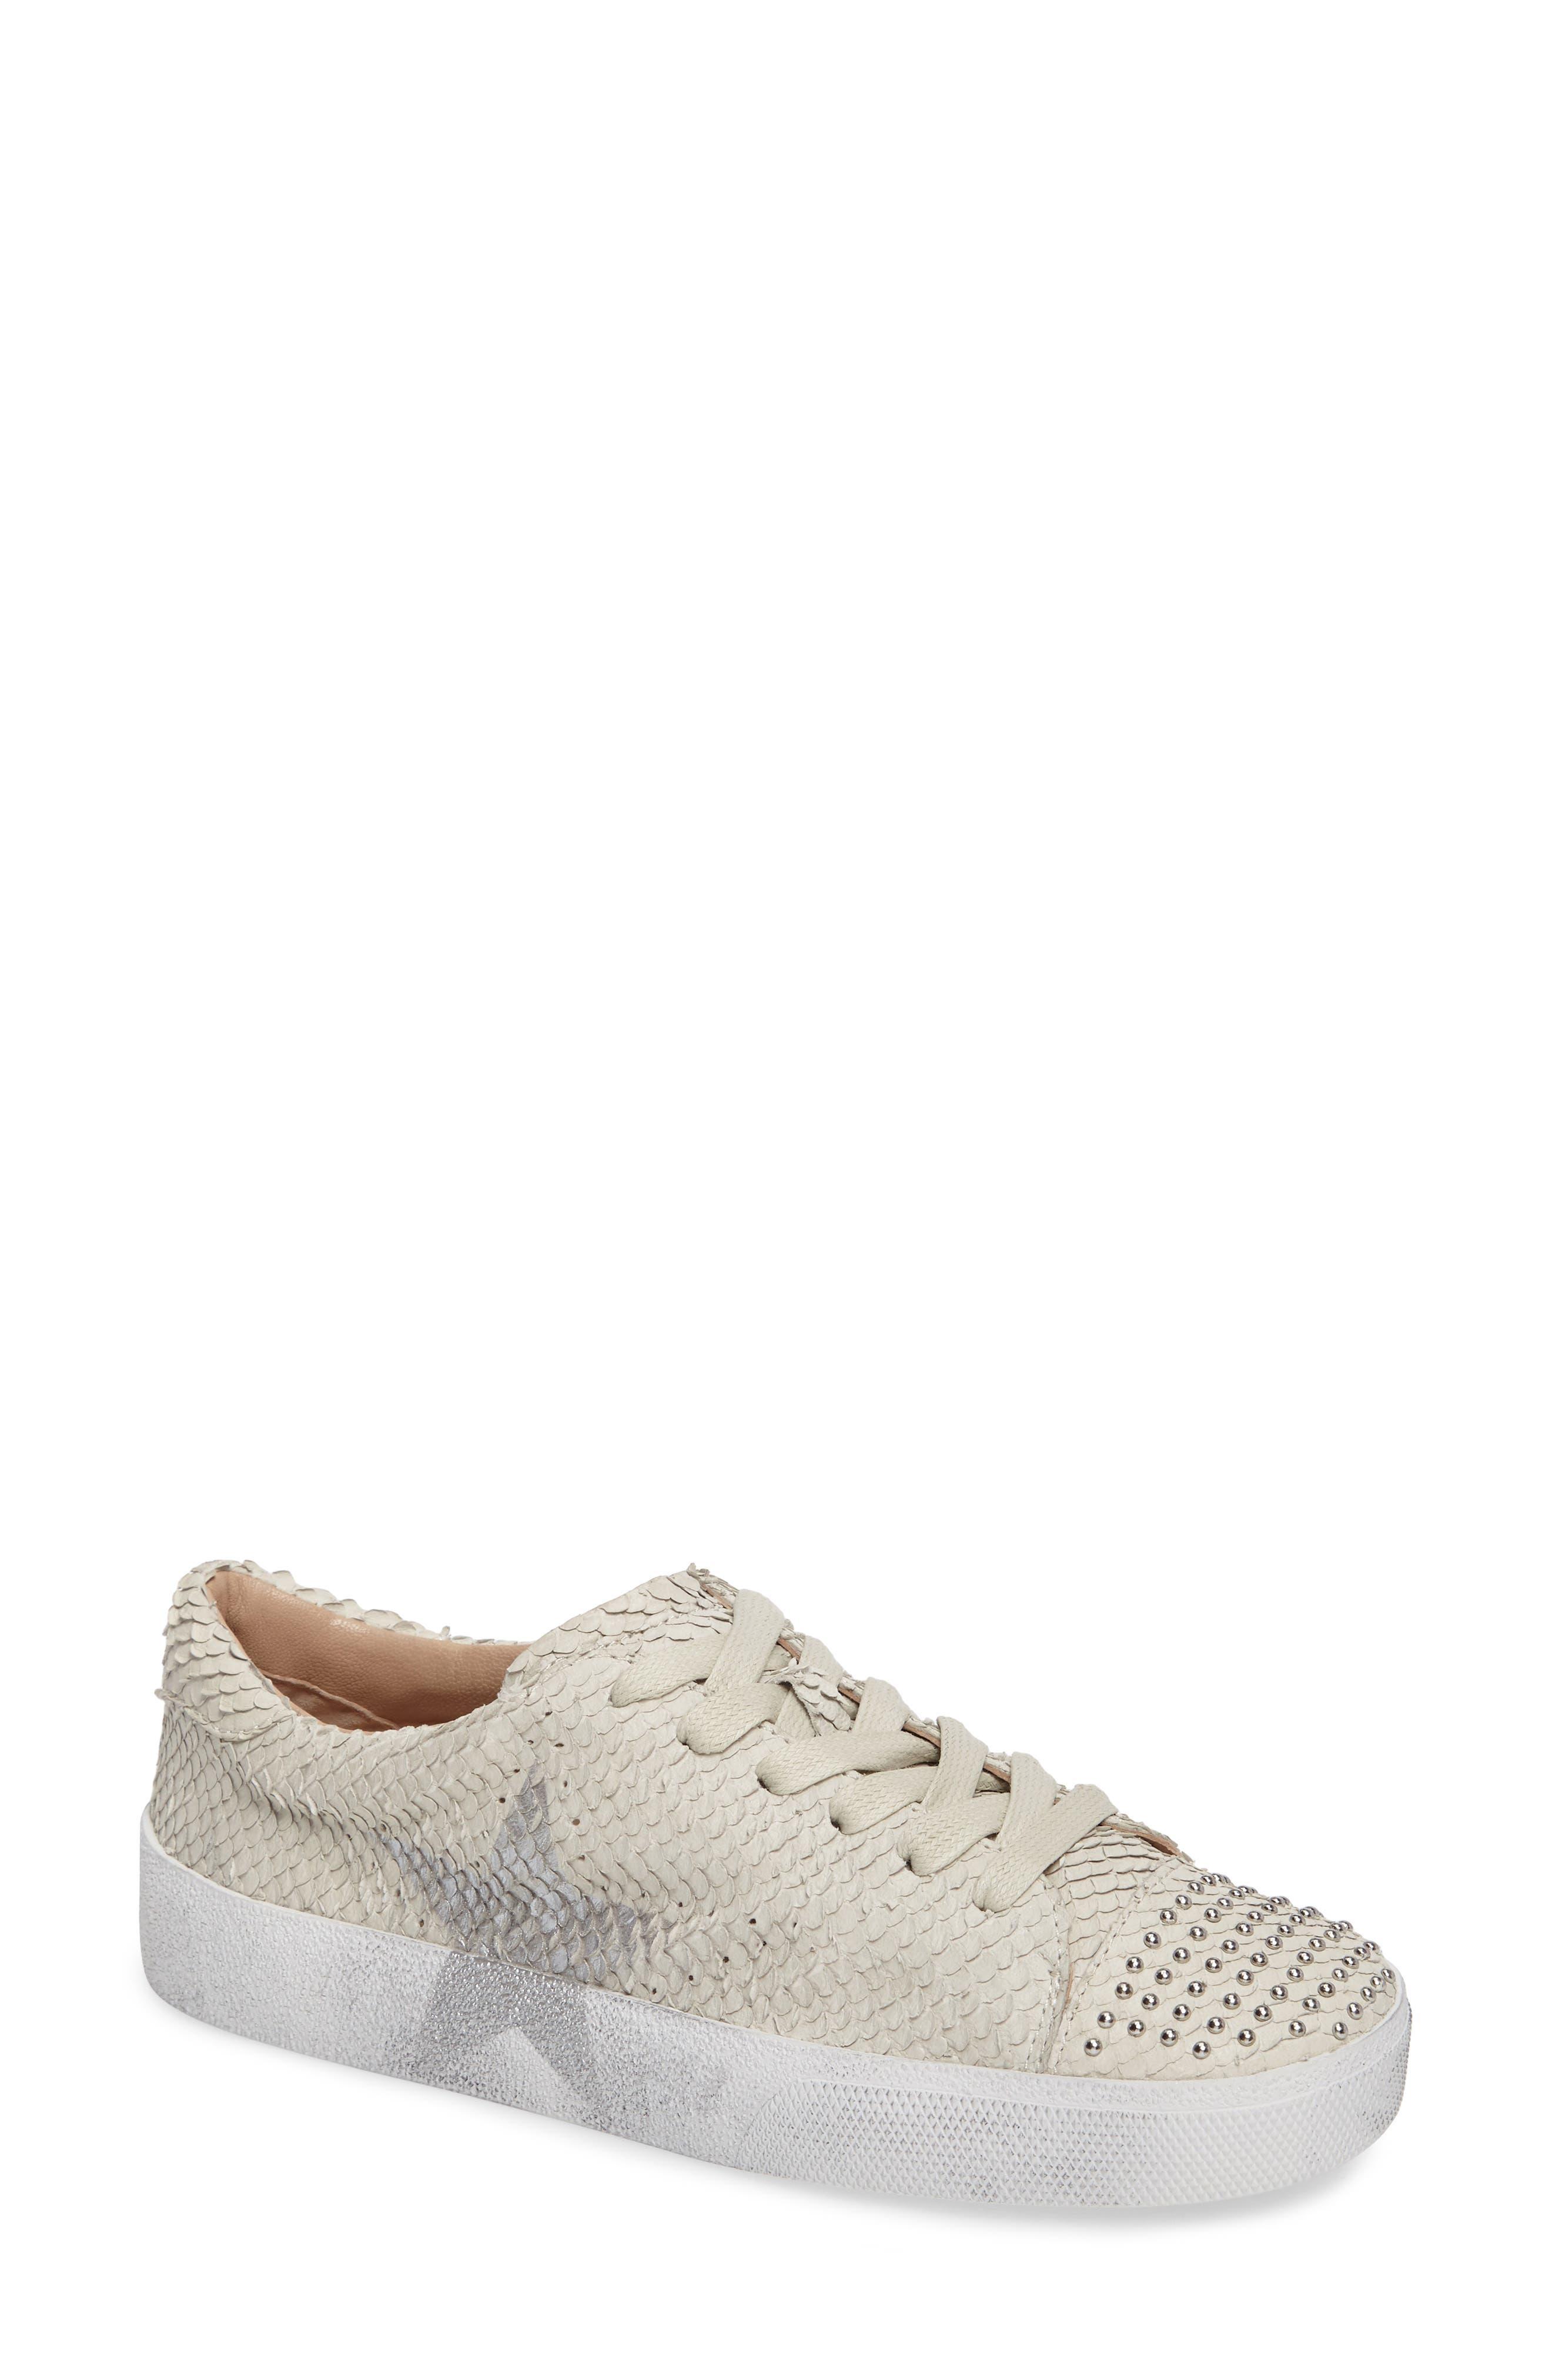 Alternate Image 1 Selected - Mercer Edit Catcall Studded Sneaker (Women)